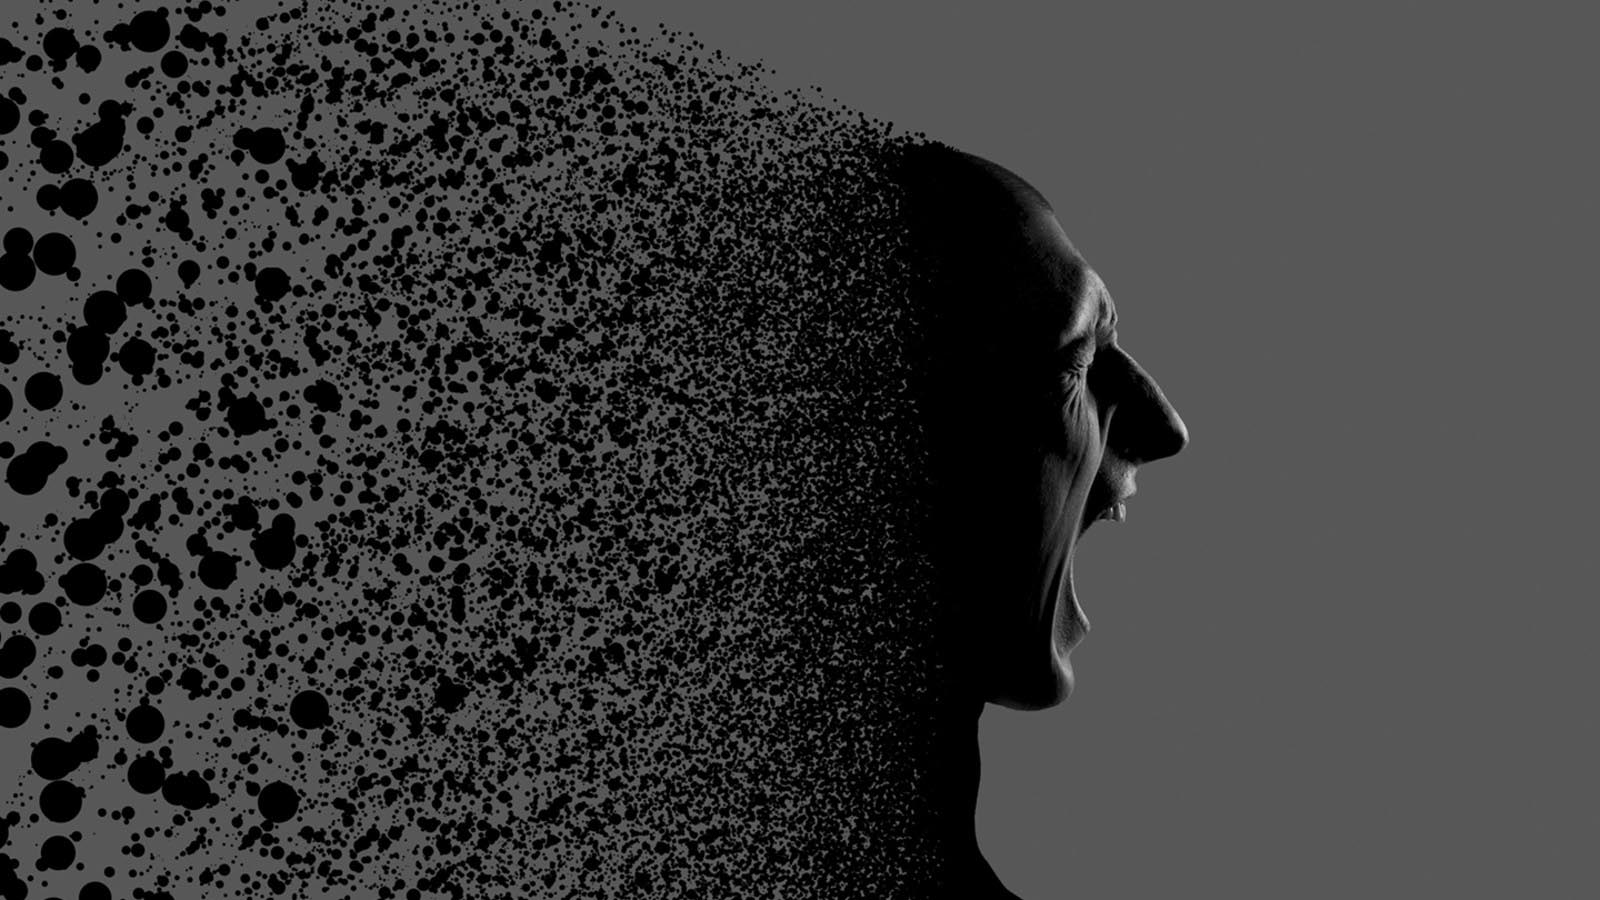 Un 2% de la población mundial podría padecer de este trastorno de la personalidad